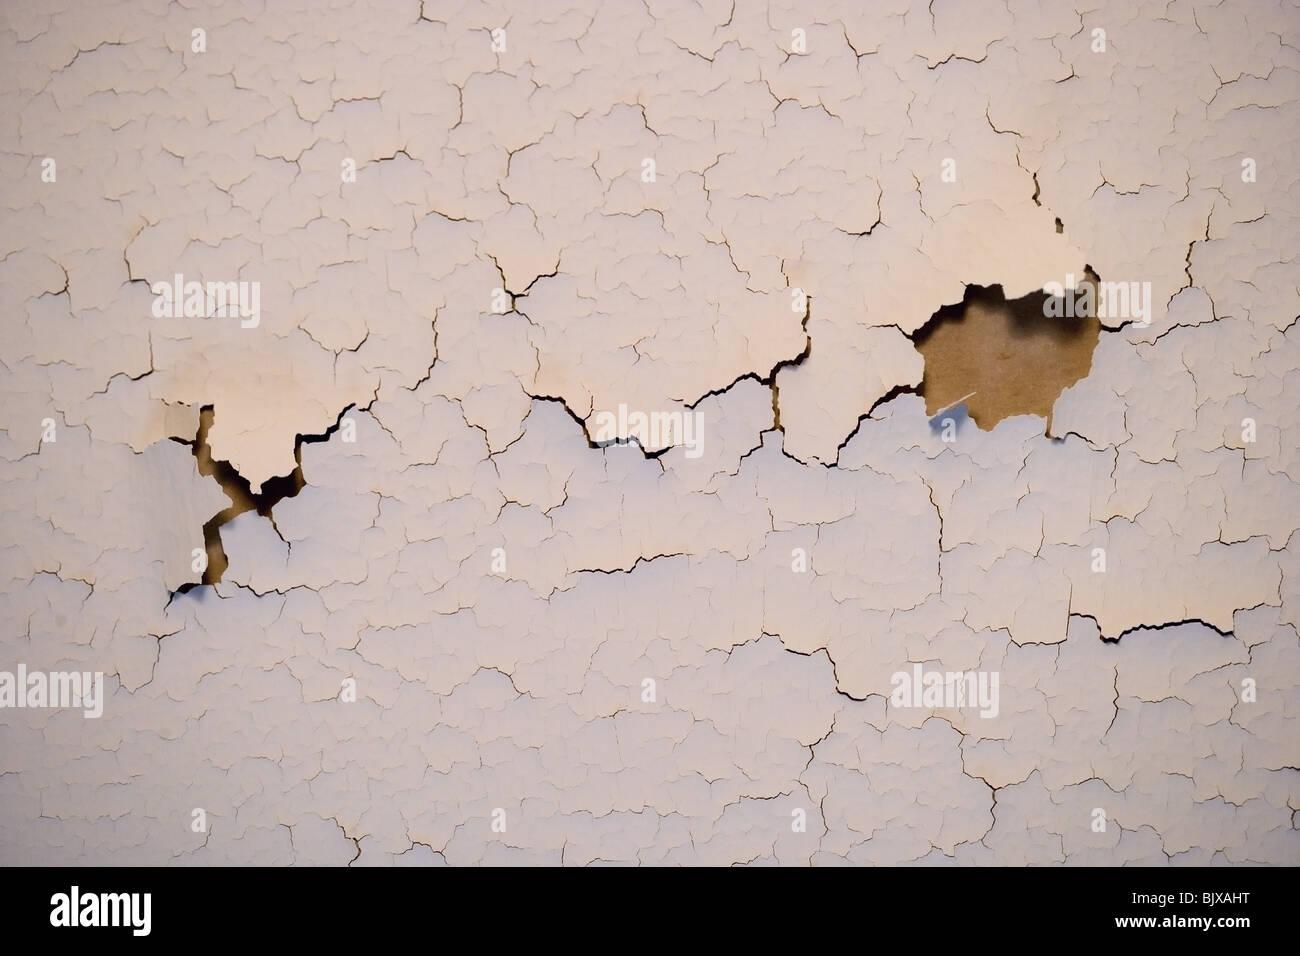 Fissures de la peinture sur un mur intérieur d'une maison. Photo Stock